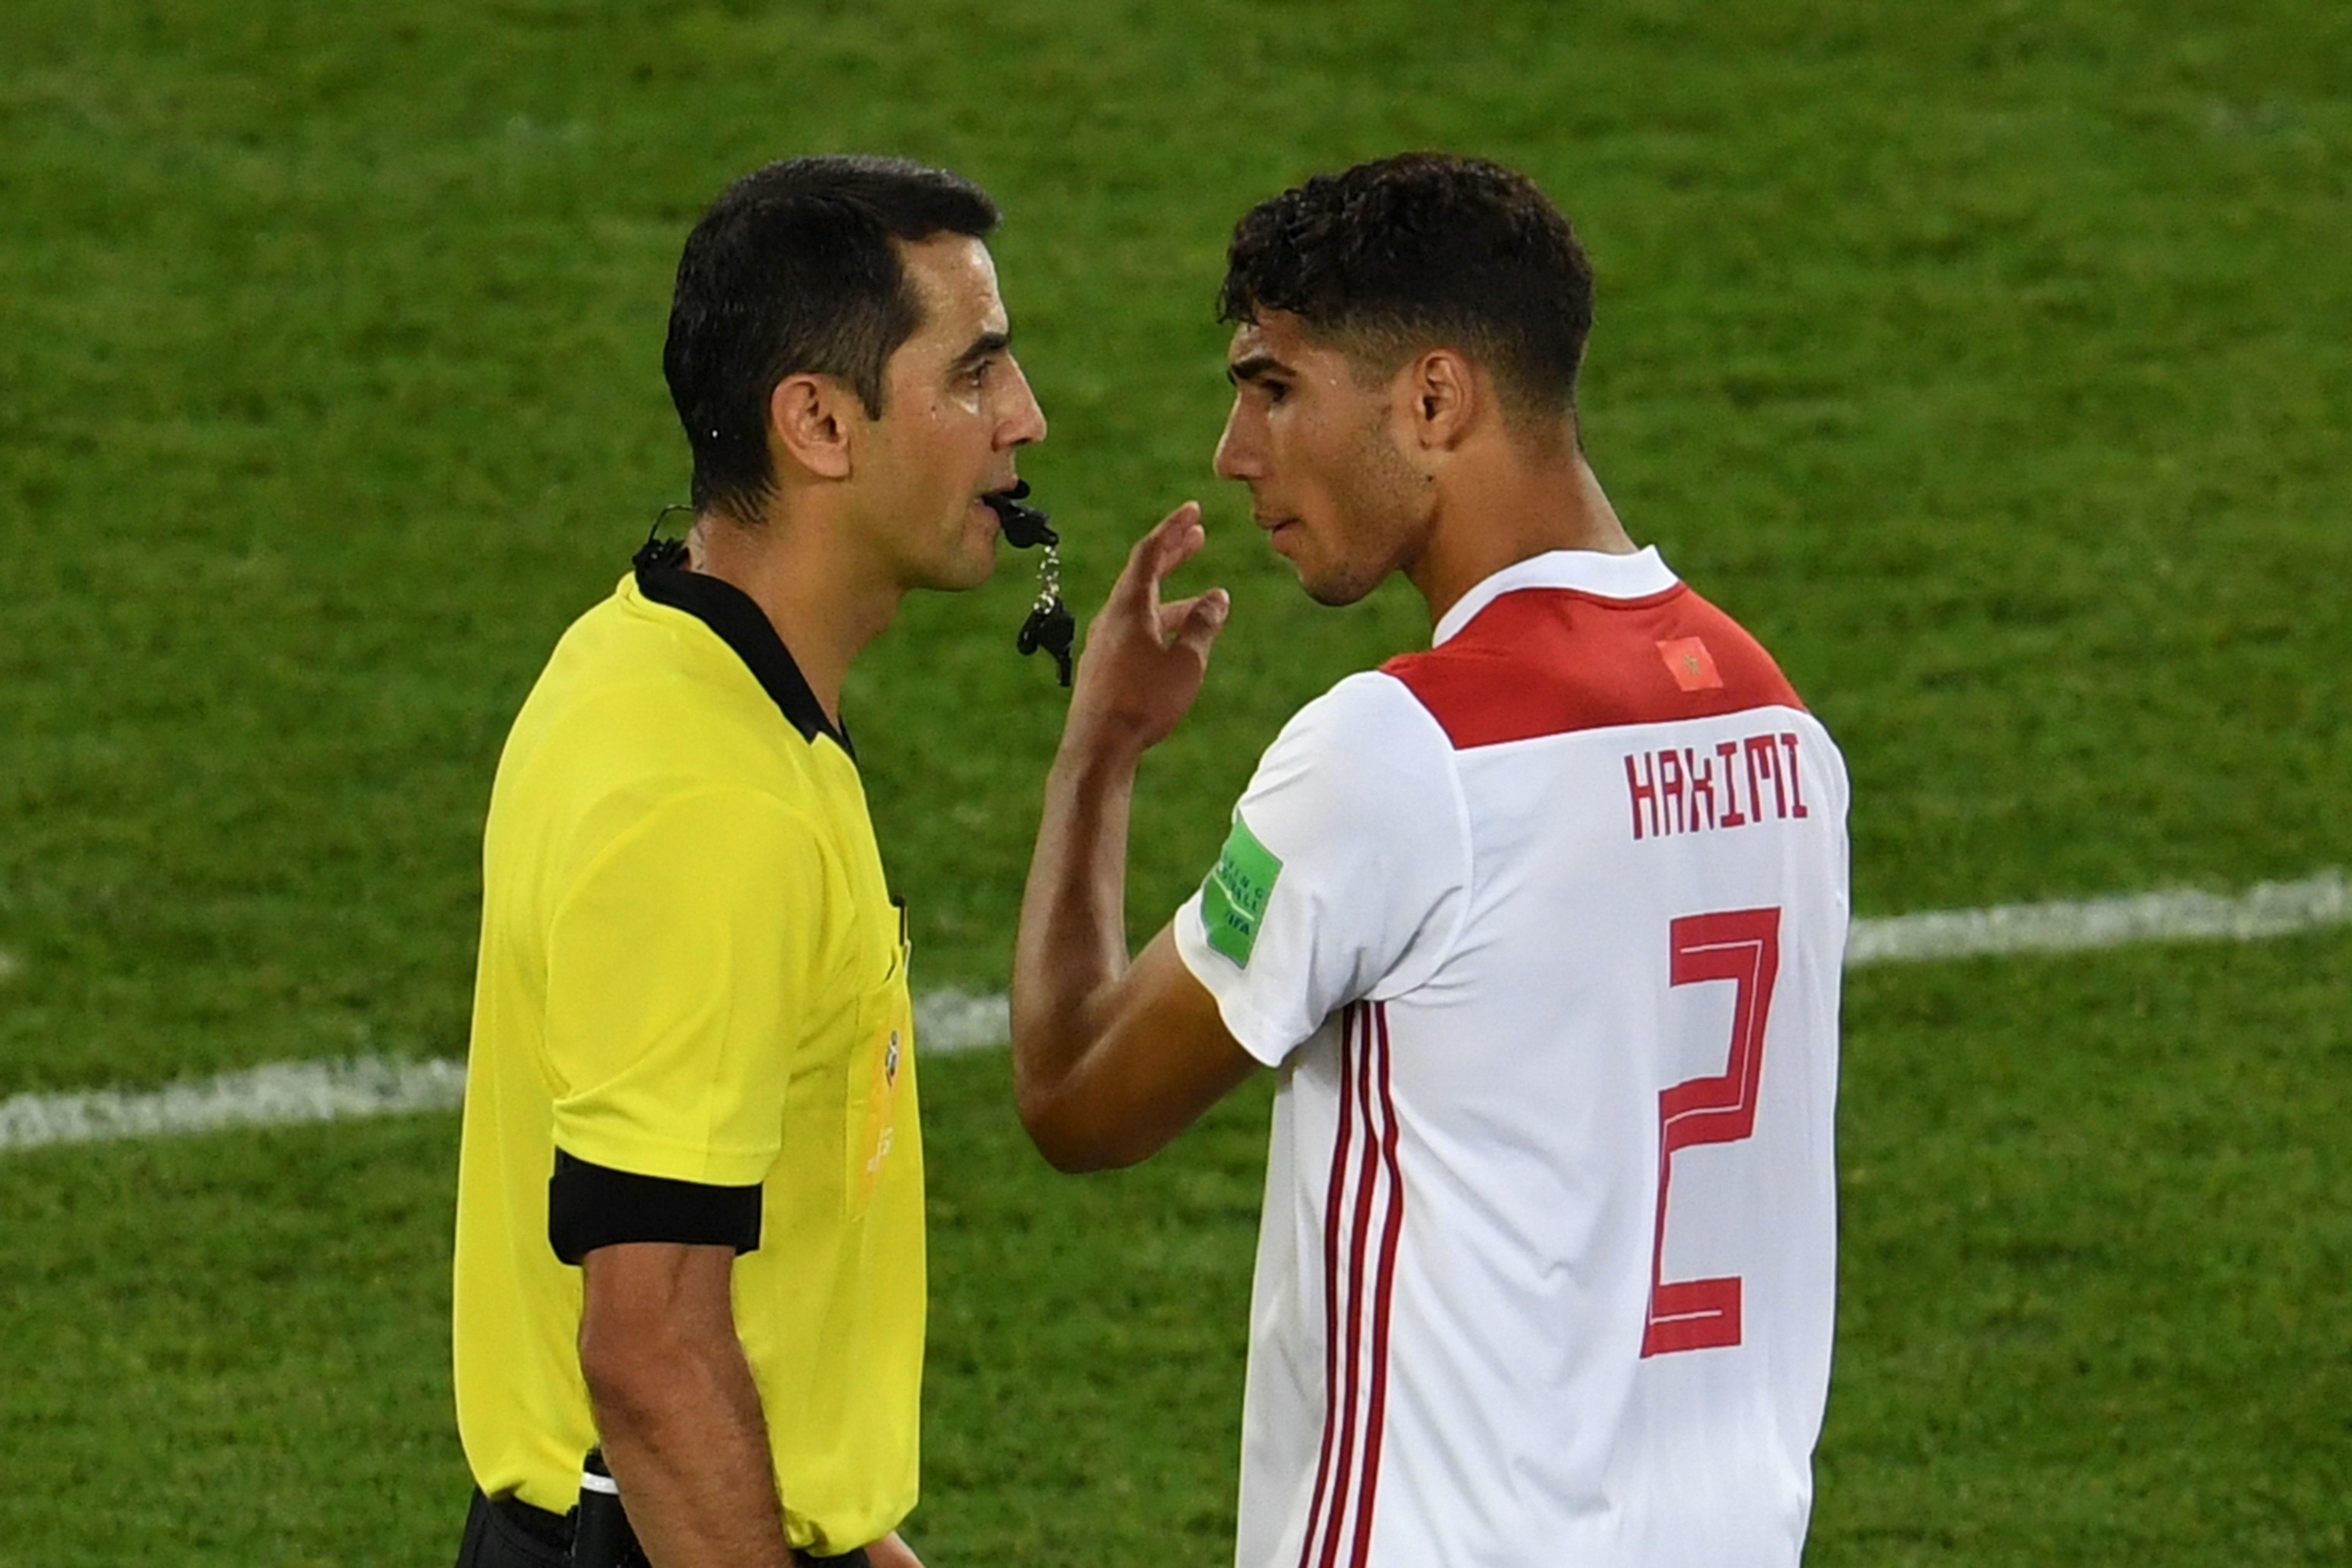 La fédération marocaine saisit la FIFA — Erreurs d'arbitrage